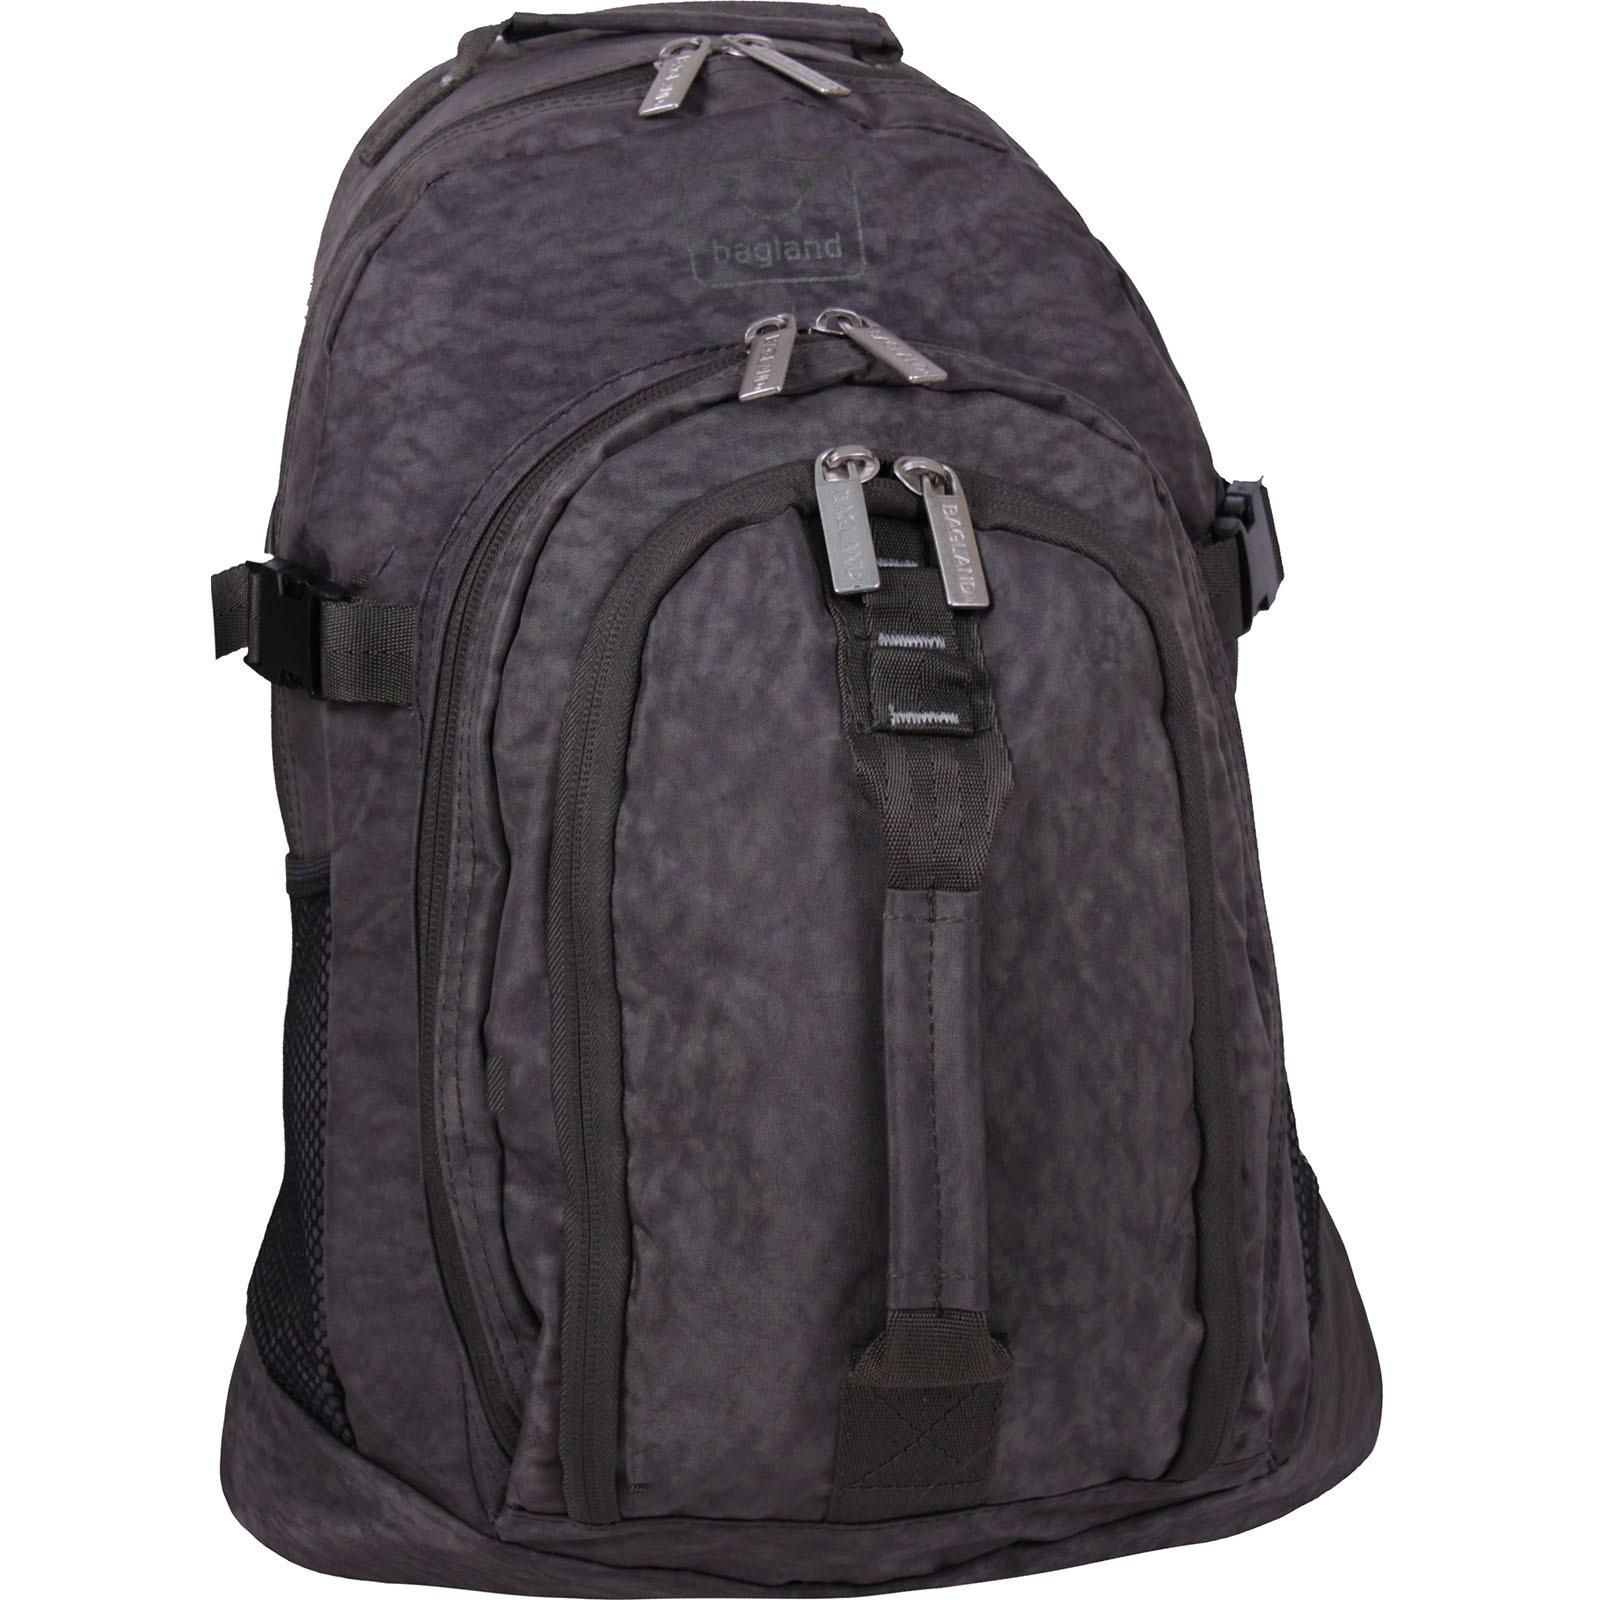 Городские рюкзаки Рюкзак Bagland Метеорит 16 л. 327 хаки (0014770) IMG_2964.JPG